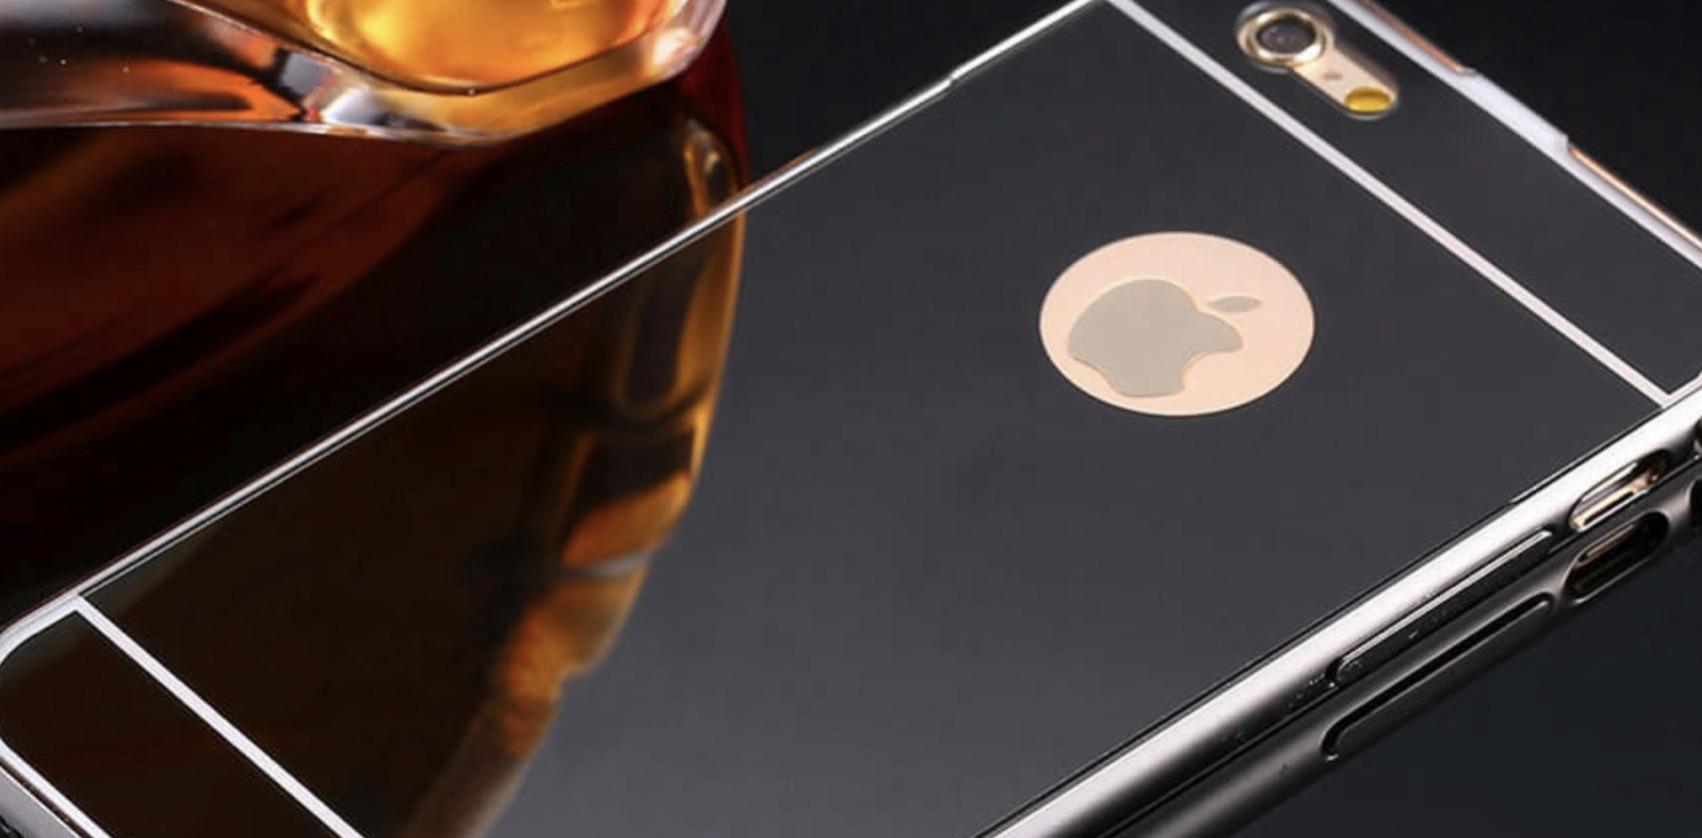 Den speilblanke iPhonen kan ligne på overflaten på dette dekselet.